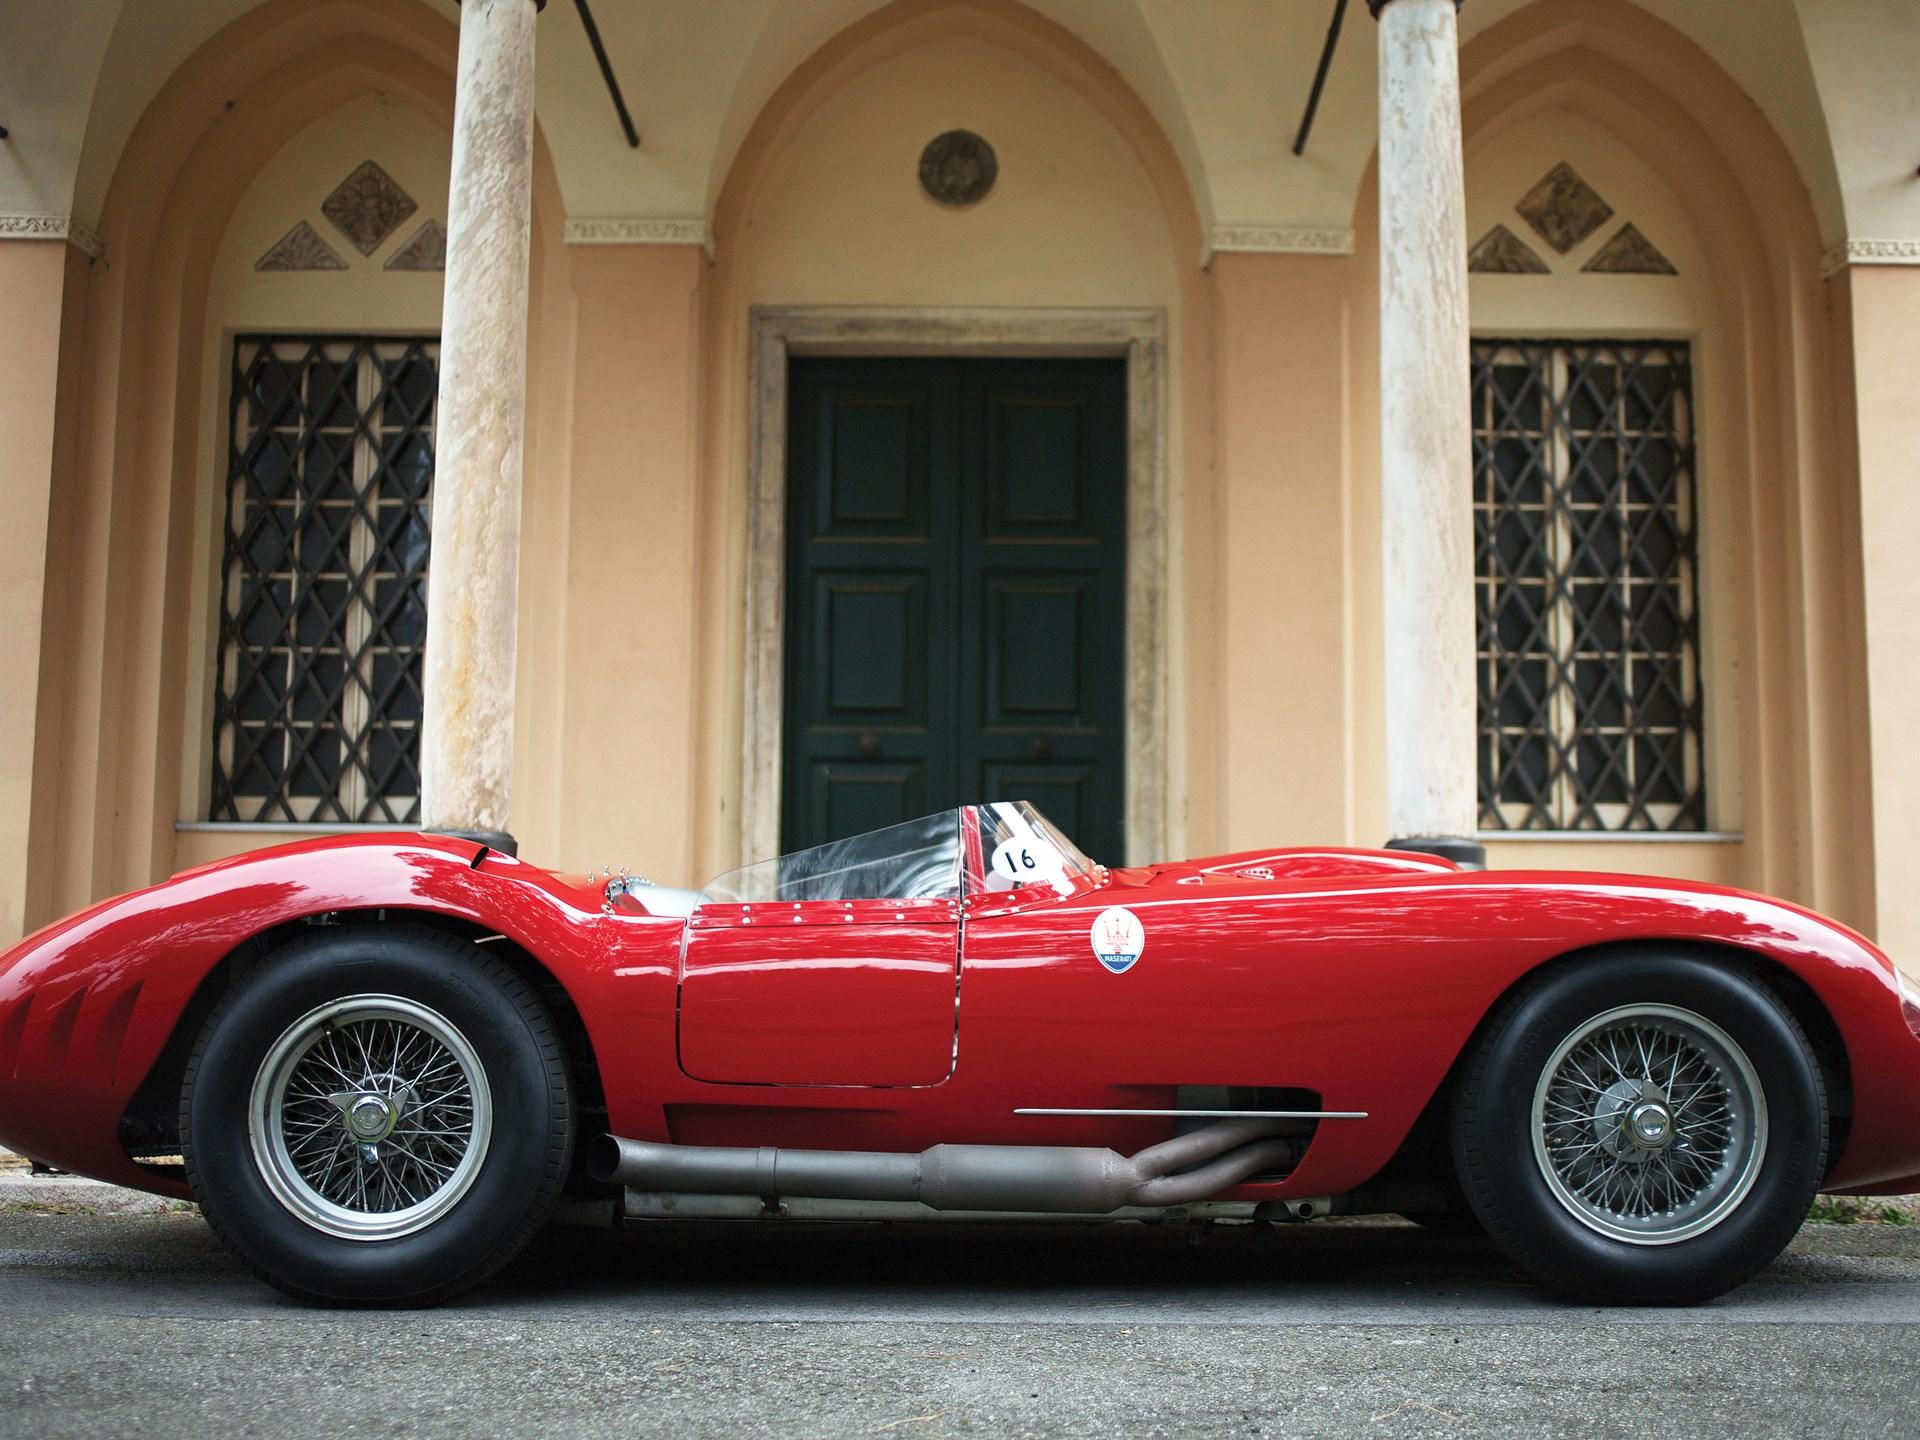 1956 Maserati 450S Prototype by Fantuzzi